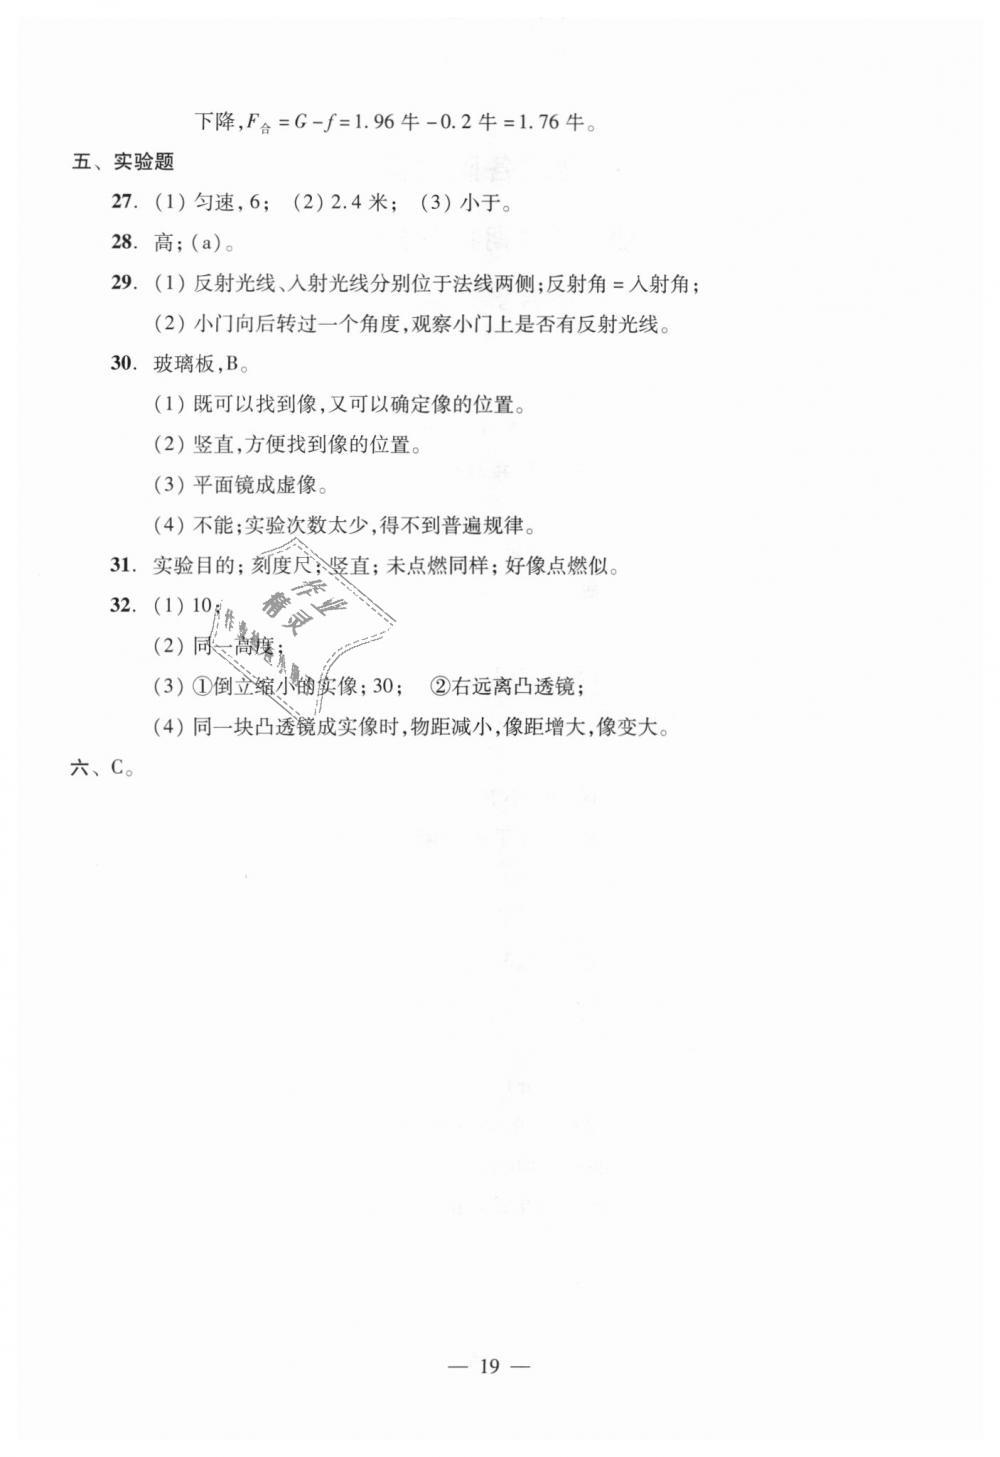 2018年初中物理双基过关堂堂练八年级全一册沪教版第63页